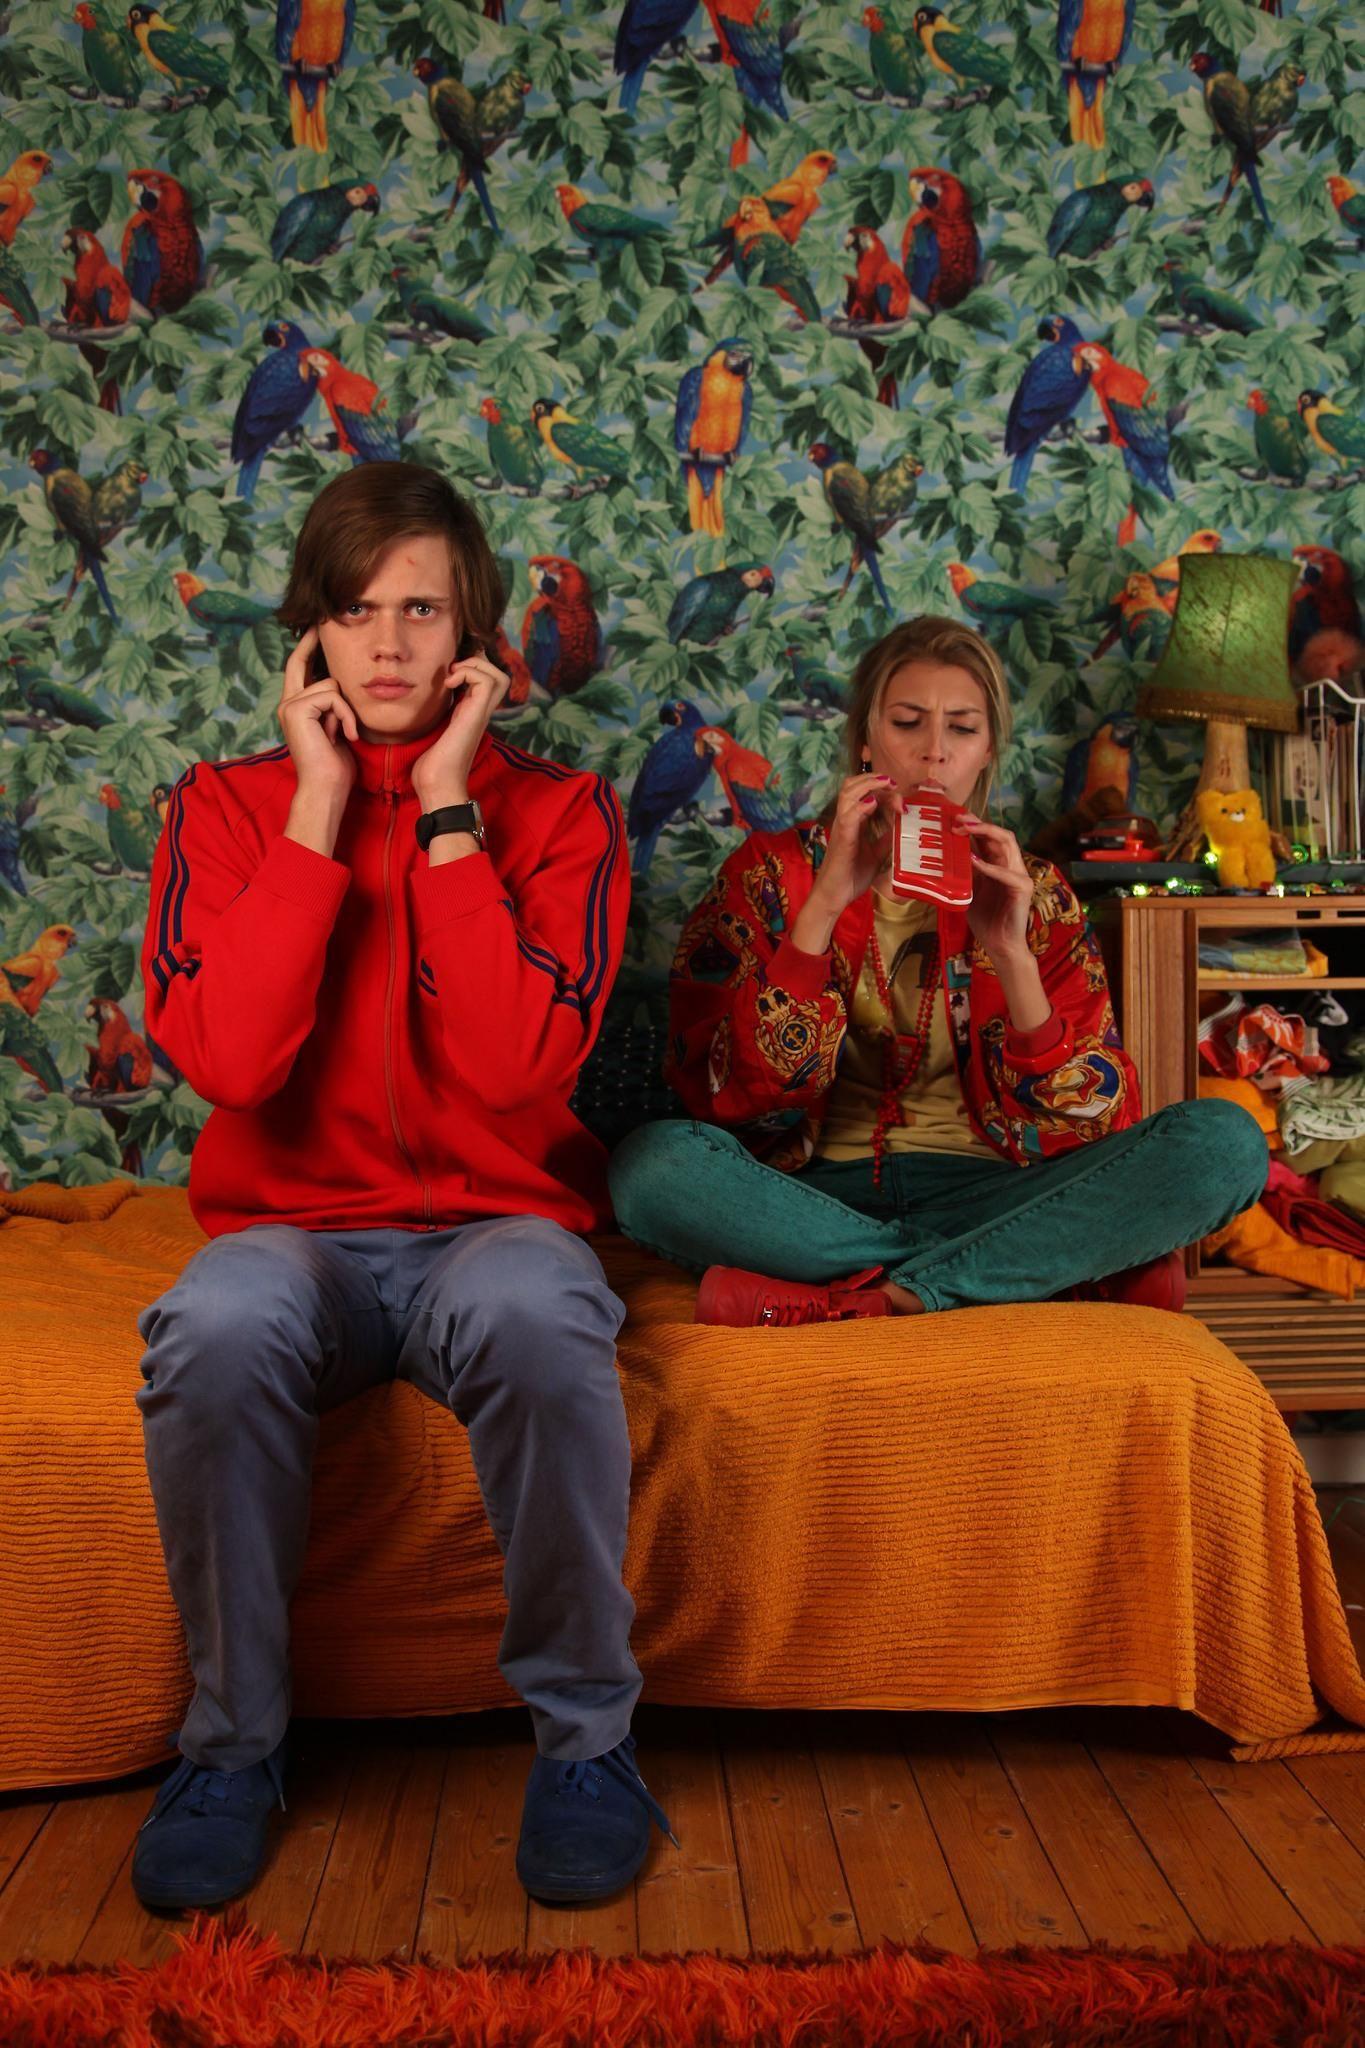 Still of Bill Skarsgård and Cecilia Forss in I rymden finns inga känslor (2010) http://www.movpins.com/dHQxNjg2MzEz/i-rymden-finns-inga-k/still-2561849600